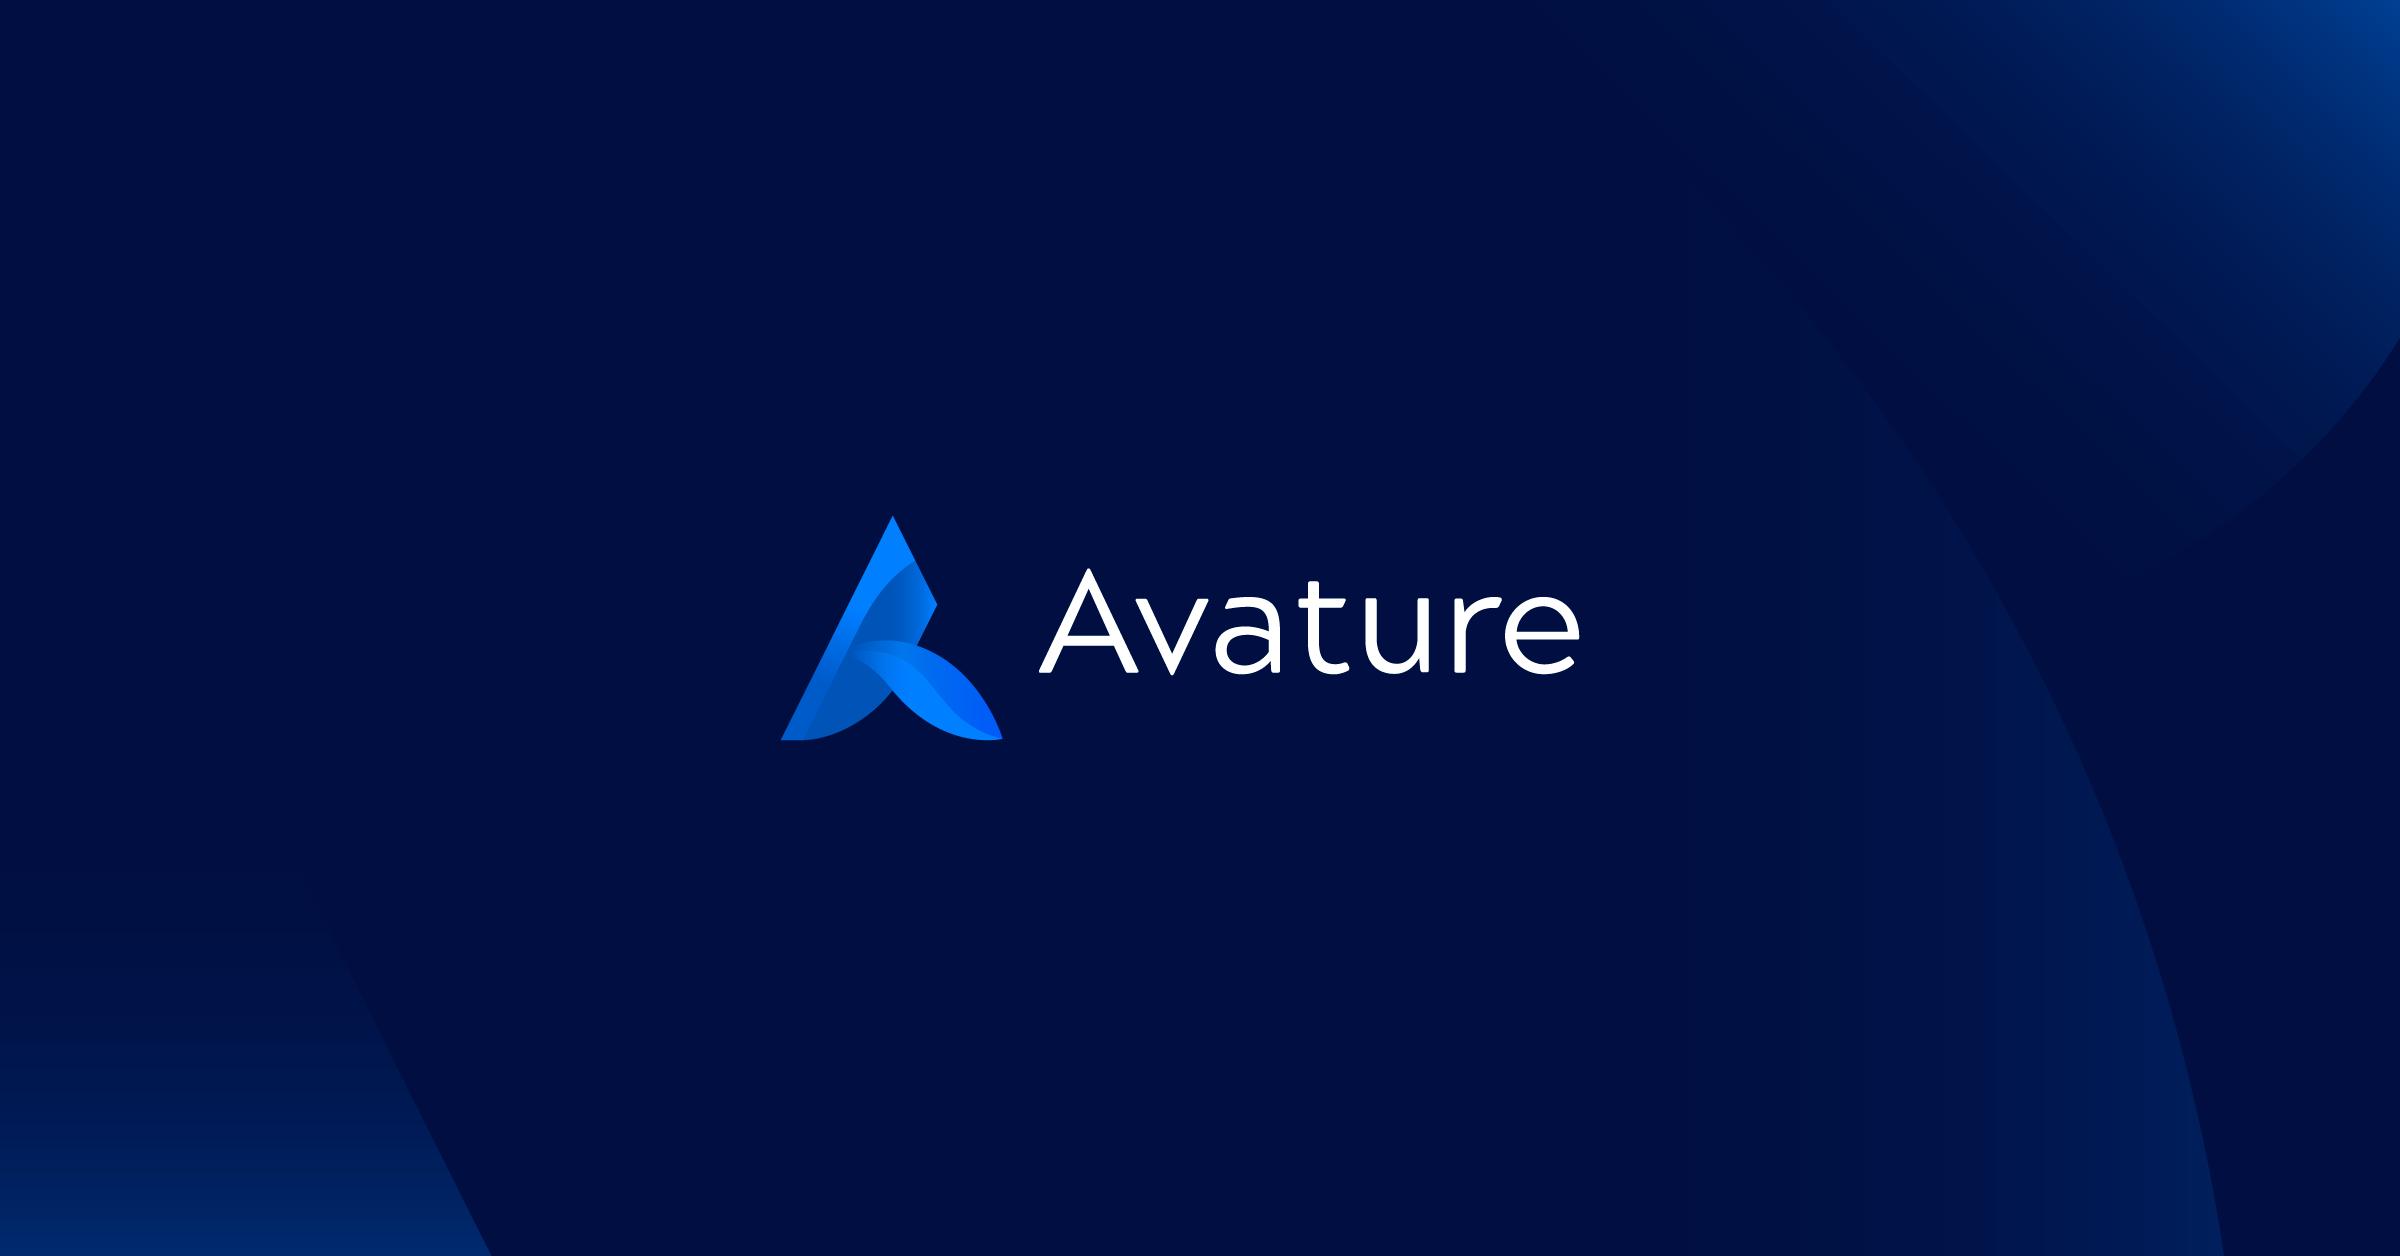 (c) Avature.net